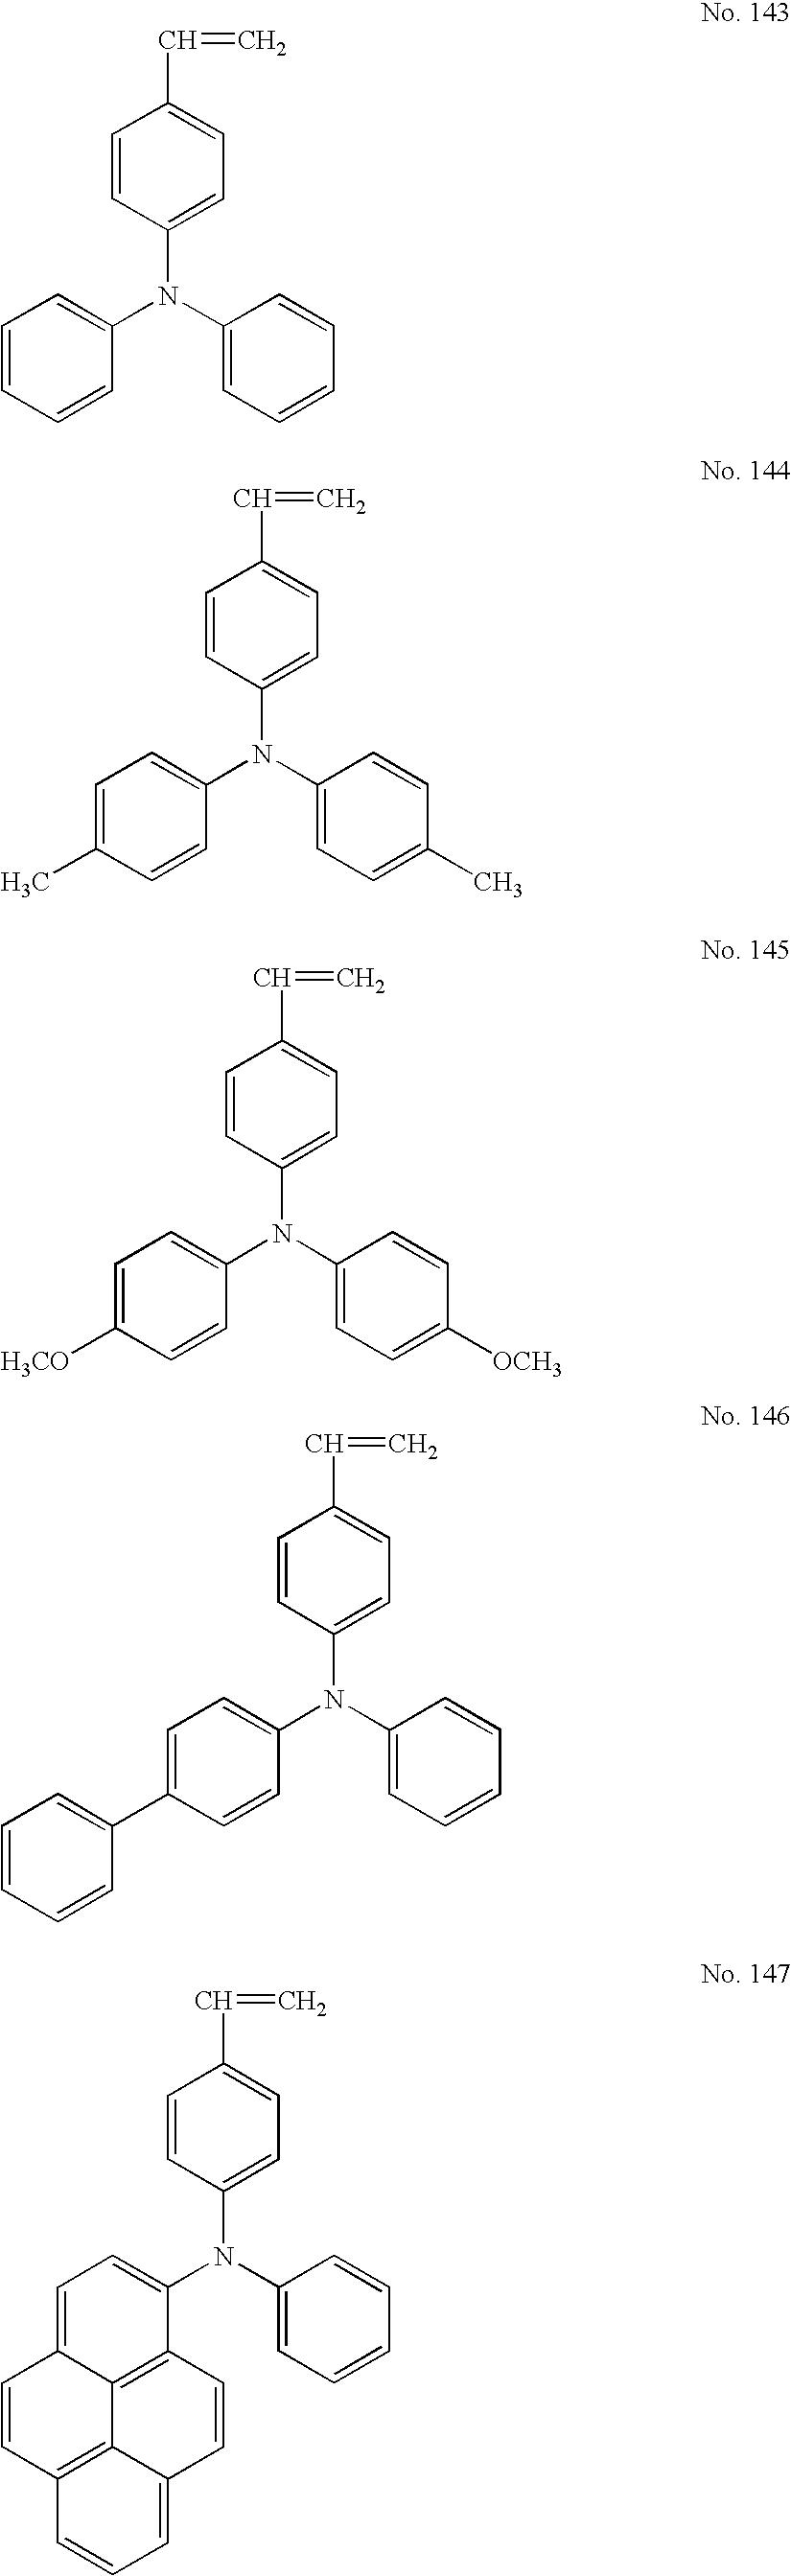 Figure US07824830-20101102-C00066